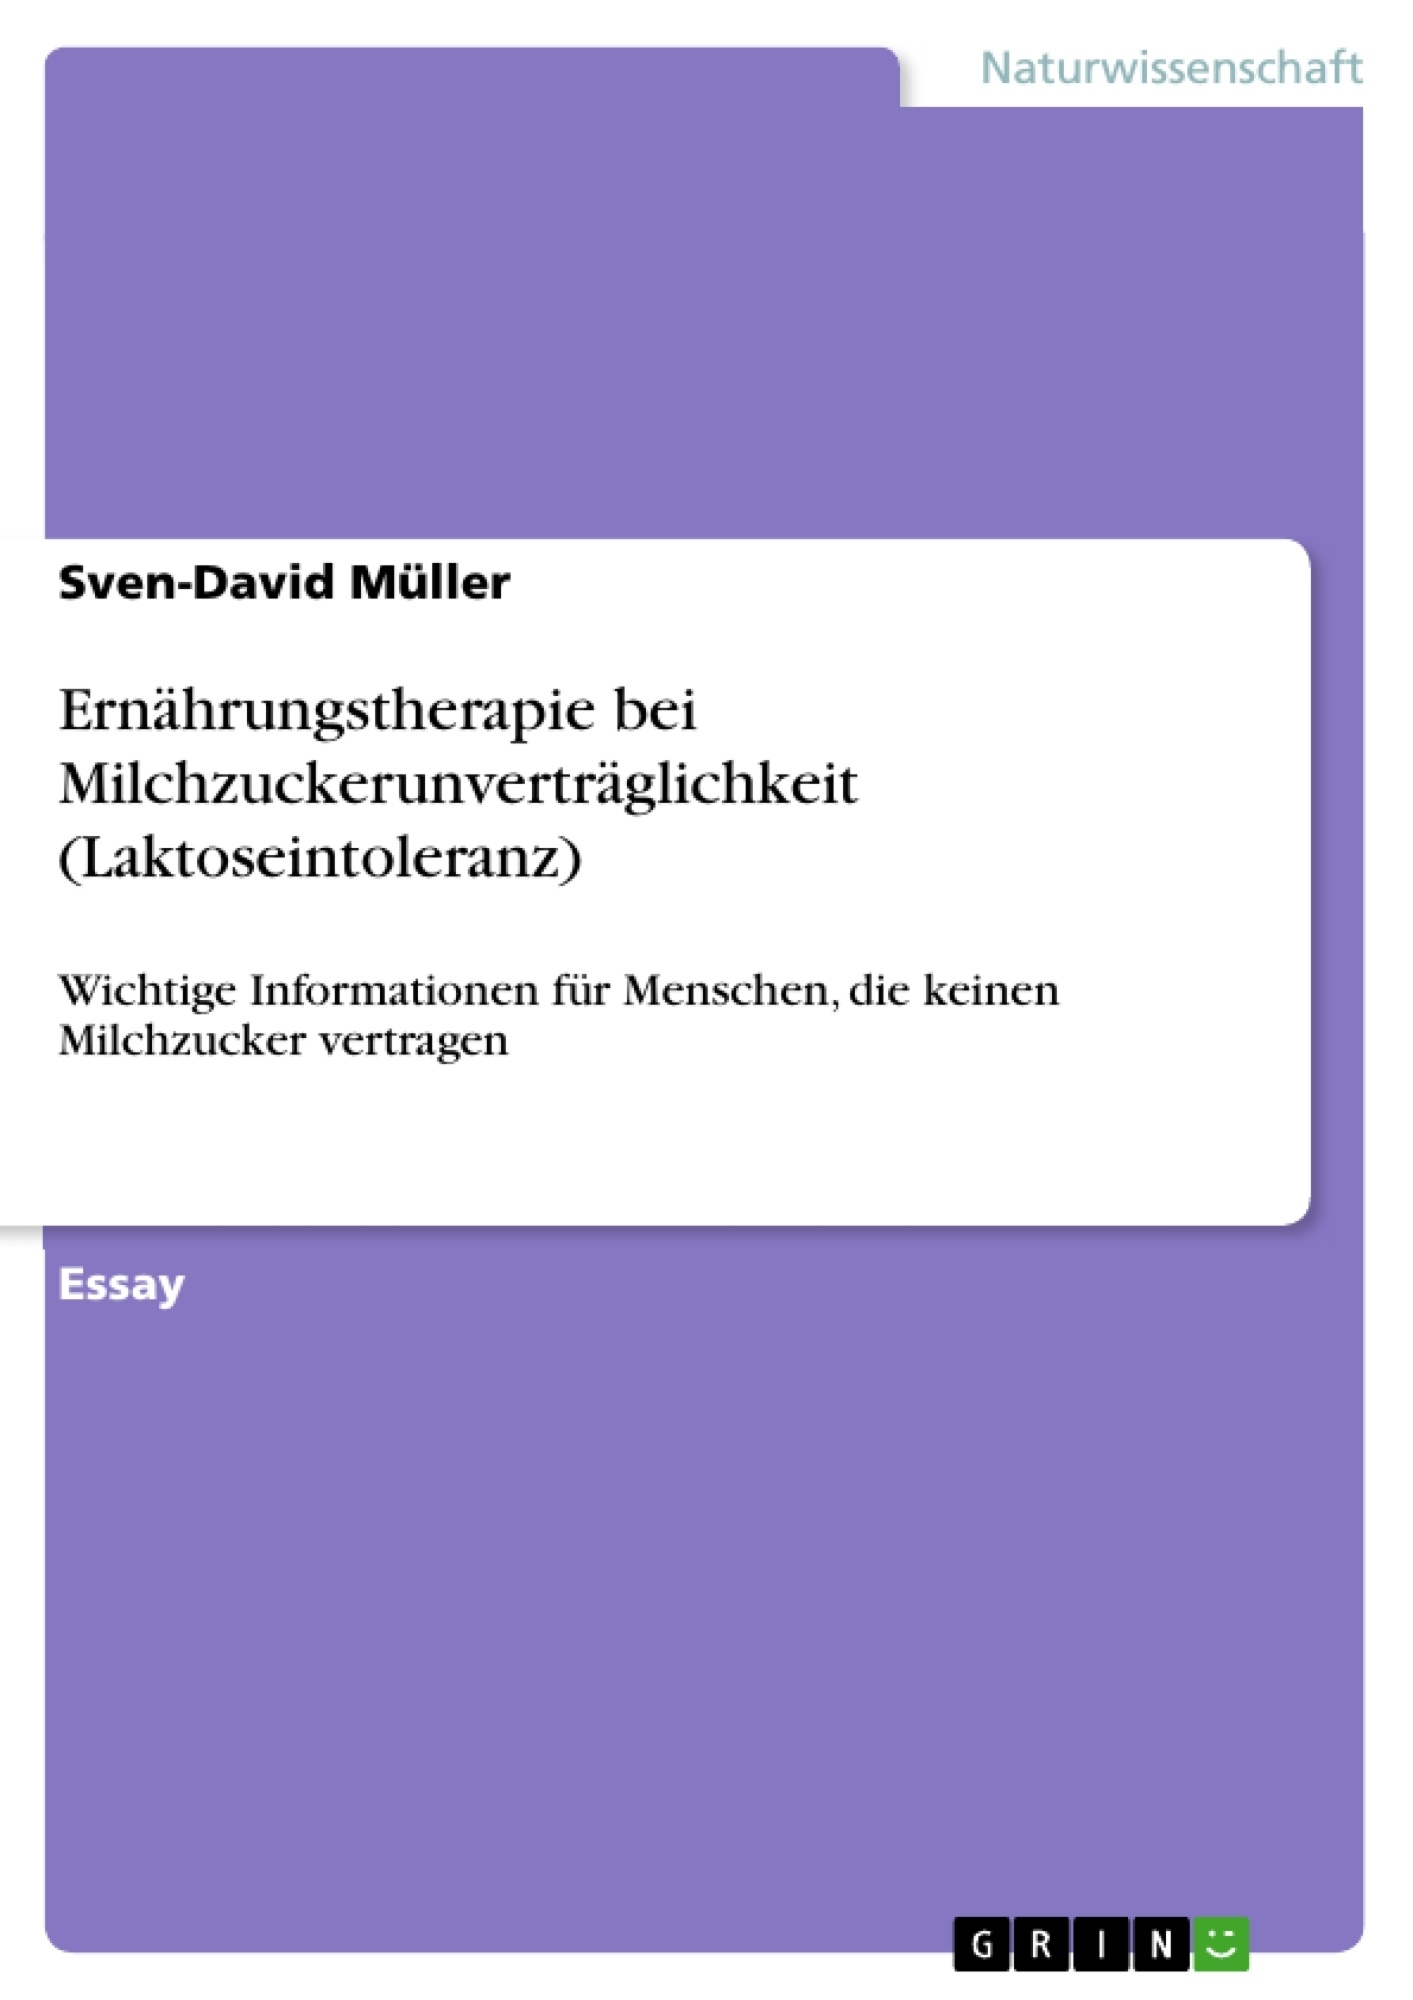 Titel: Ernährungstherapie bei Milchzuckerunverträglichkeit (Laktoseintoleranz)